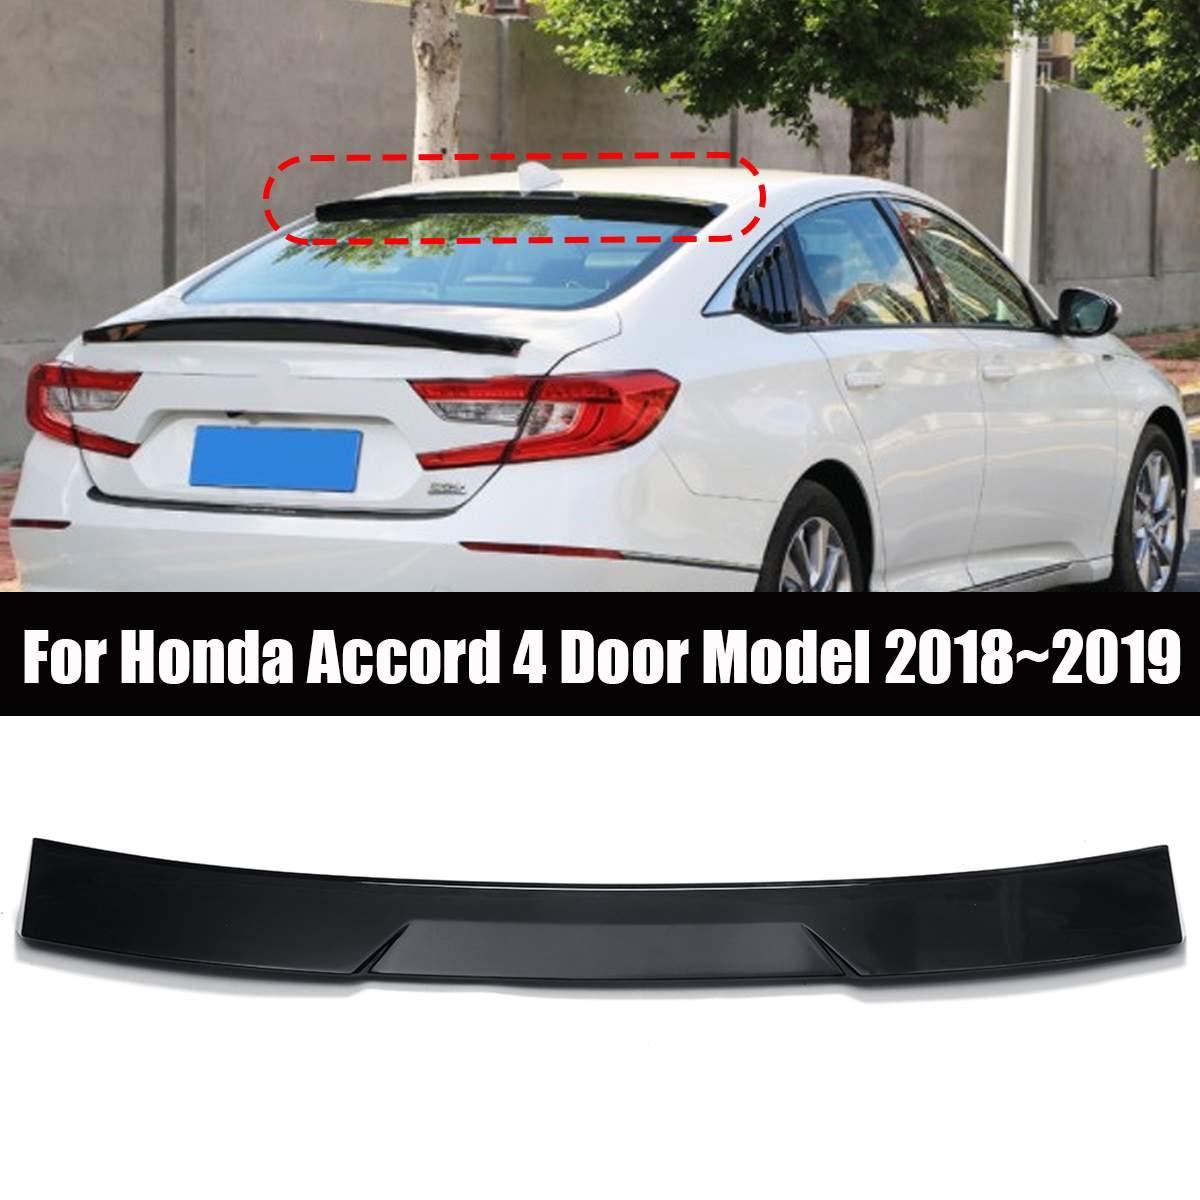 FOR 2016-2018 10TH GEN HONDA CIVIC X SEDAN GLOSSY WHITE REAR WINDOW ROOF SPOILER